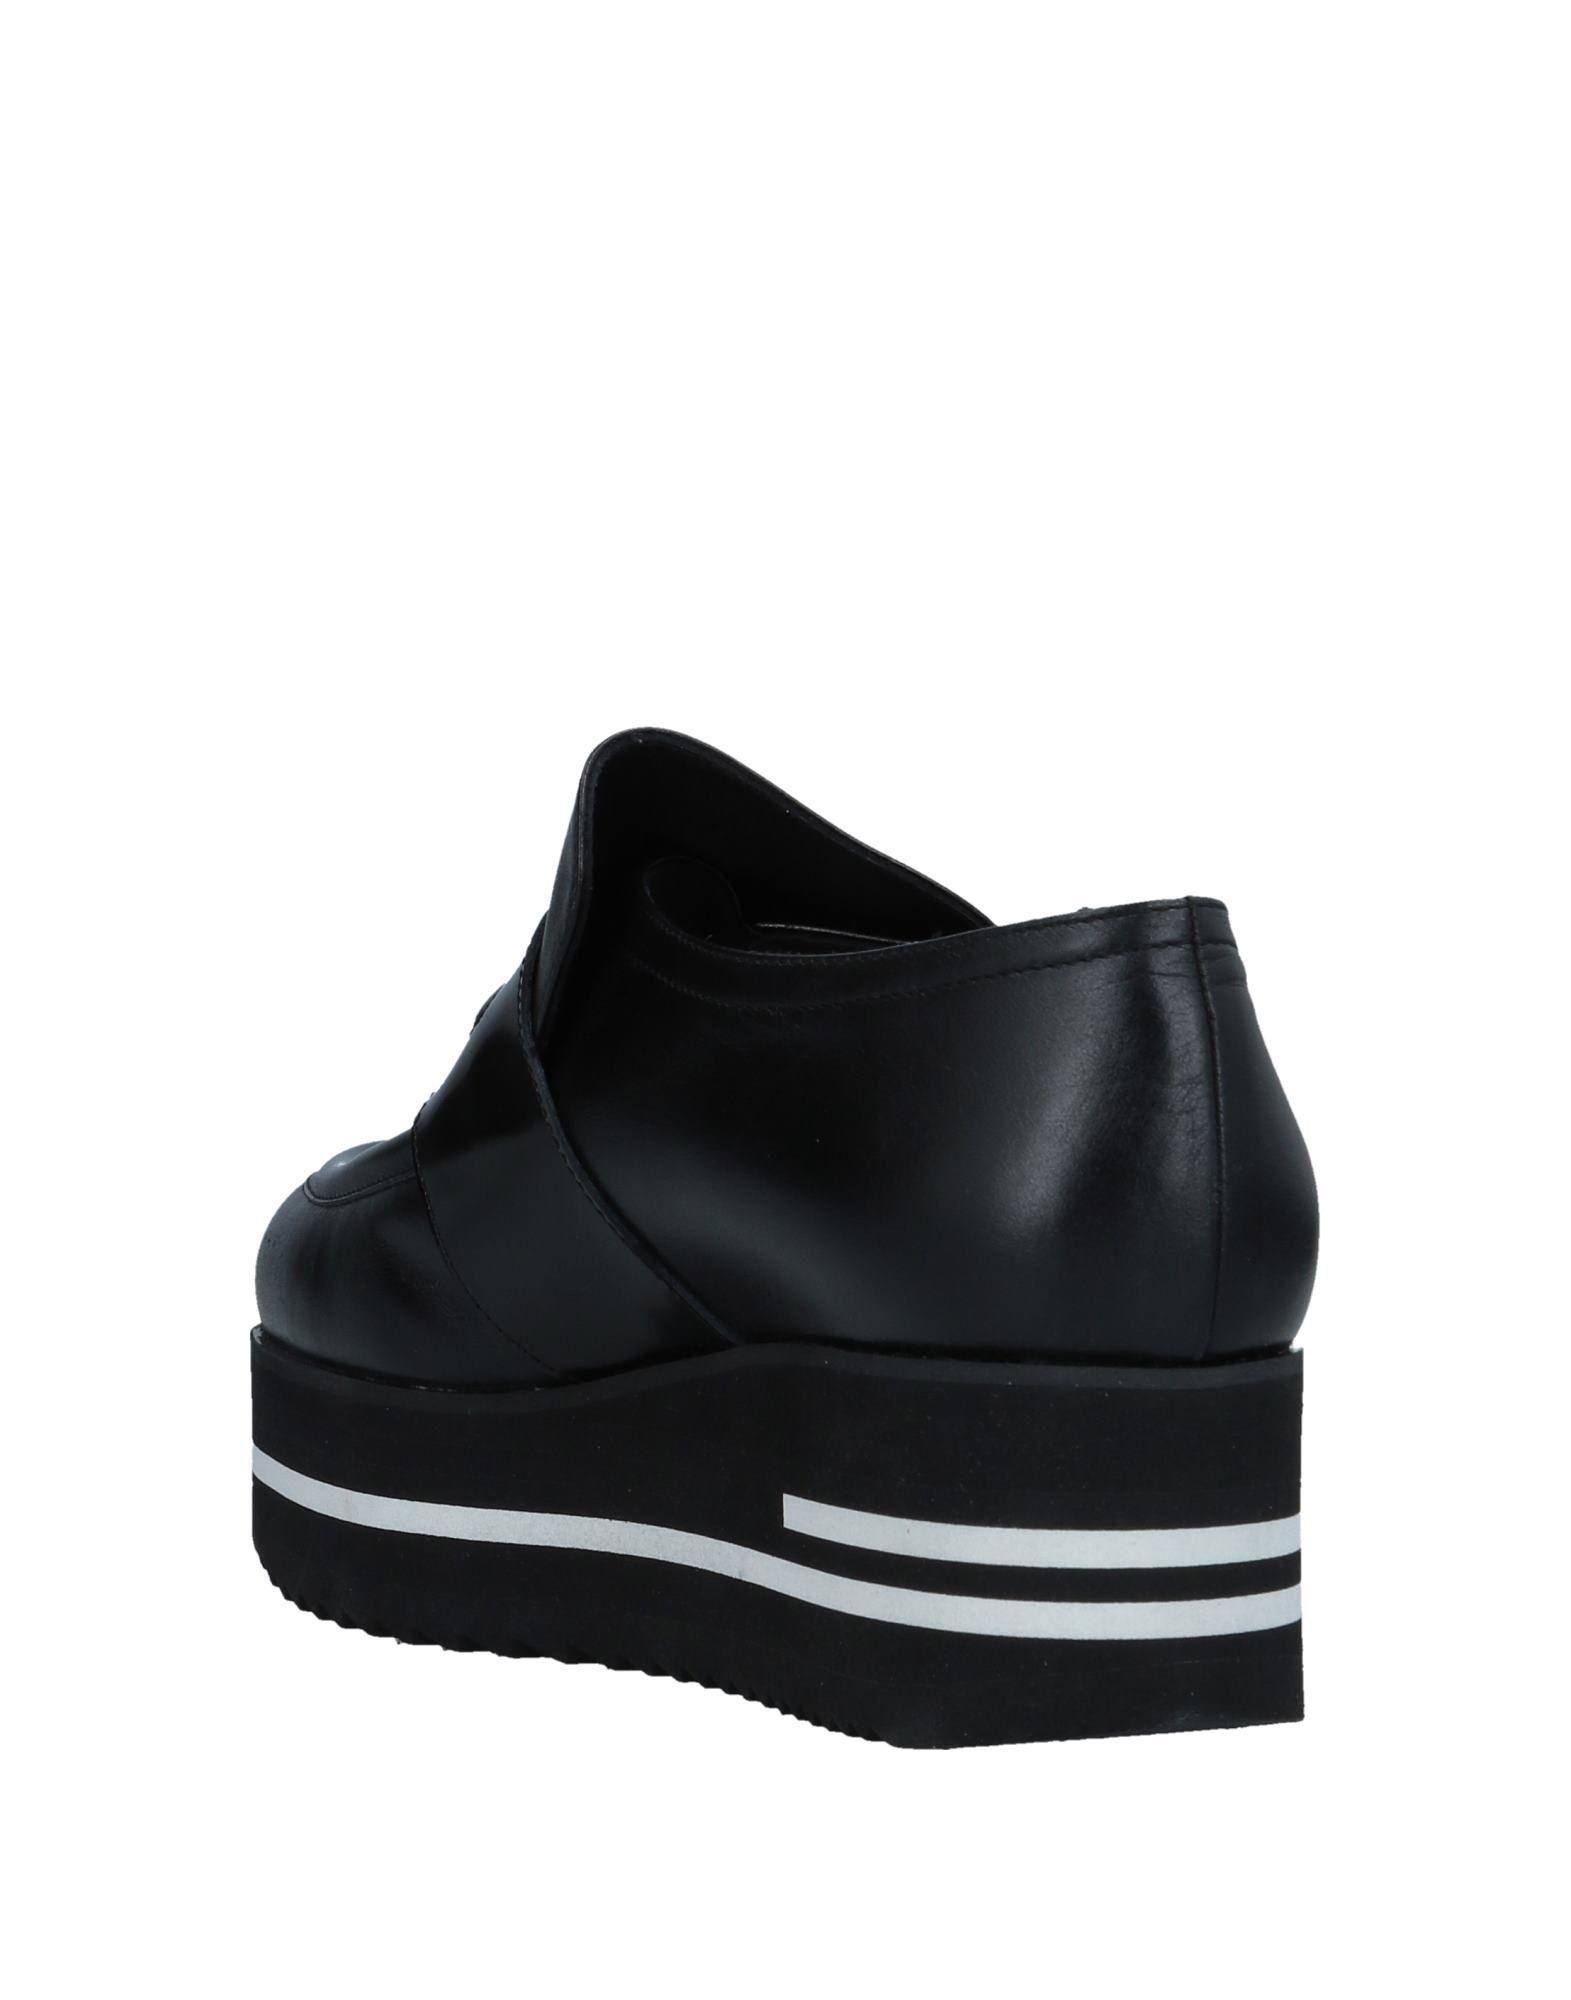 Gut um Cimadamore billige Schuhe zu tragenSergio Cimadamore um Mokassins Damen  11527693JF decdbe